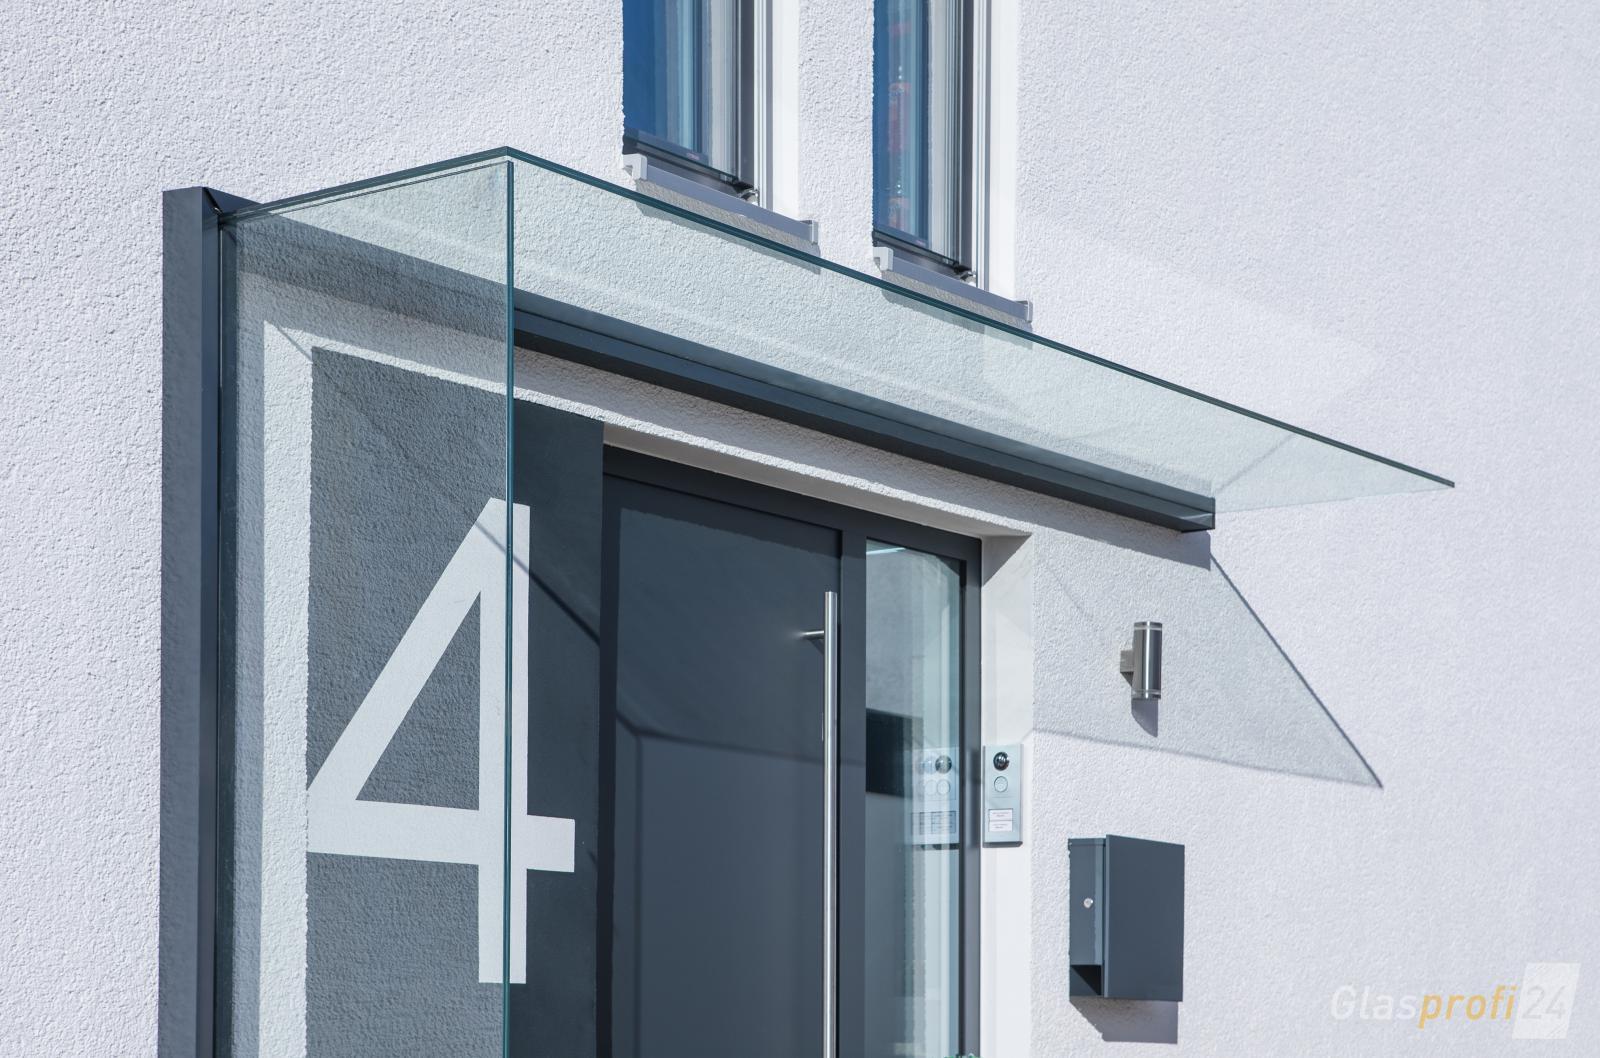 Vordach mit windschutz aus glas glasprofi24 for Modernes haus mit vordach